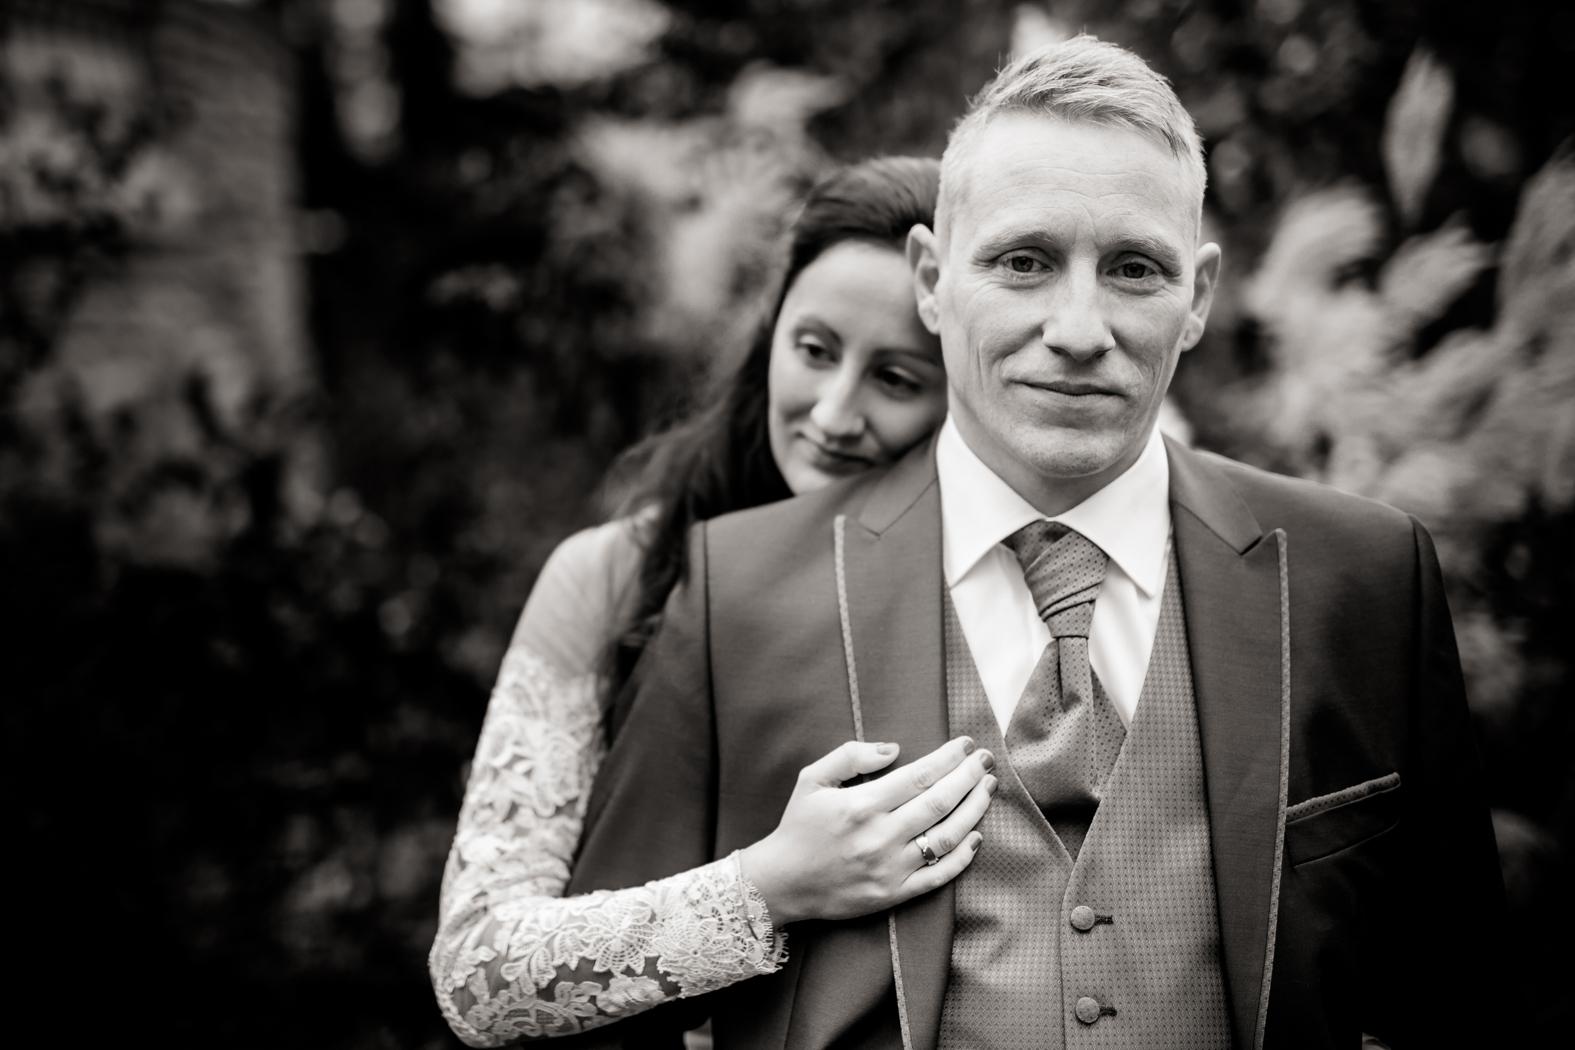 Hochzeitsfotos-Saalfeld-Voigtlaender-Zeuner (7)